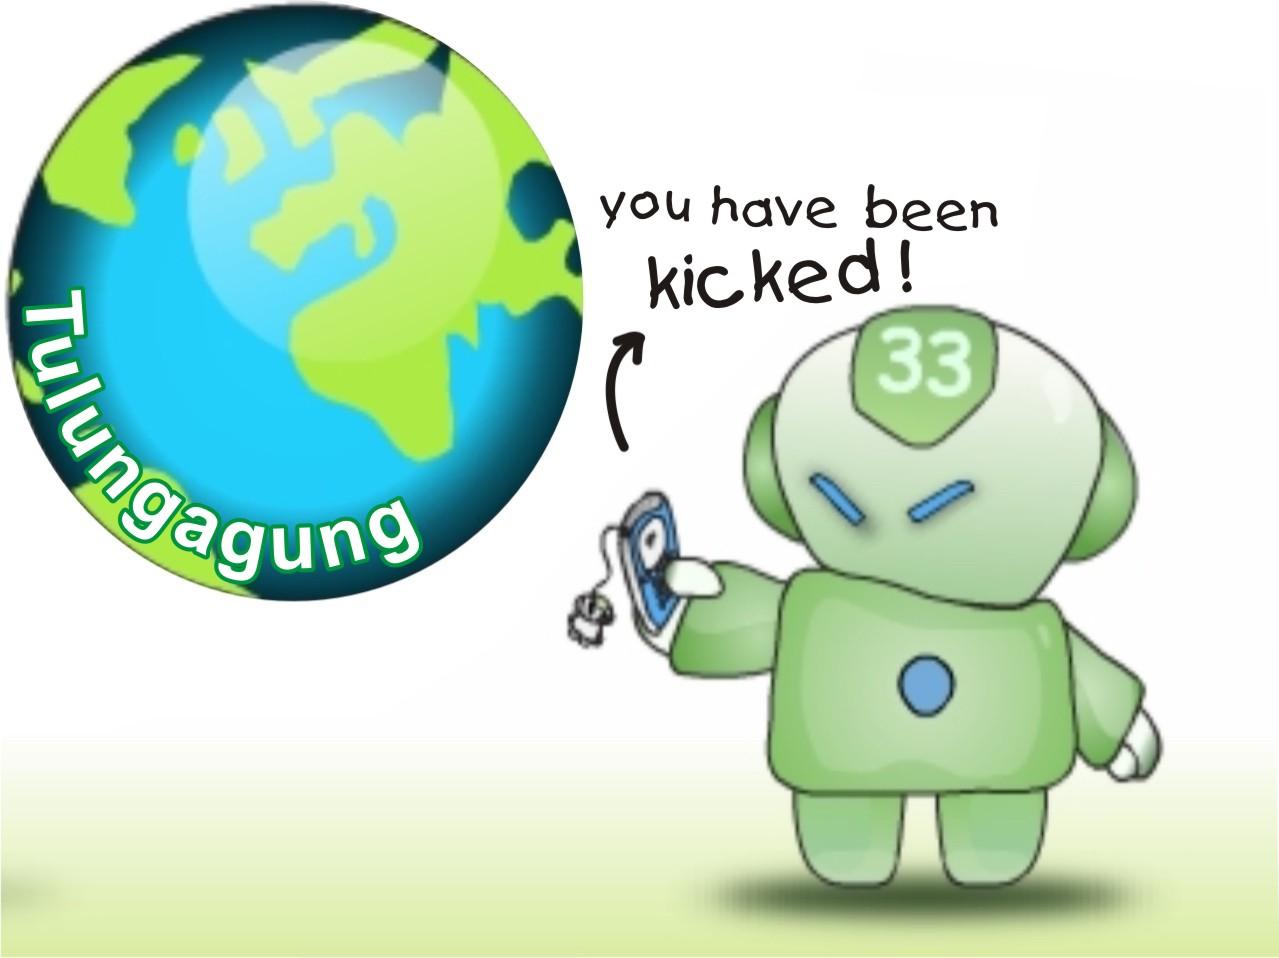 Applikasi Mig33 Serta Cara Mendaftar Mig33 | barwanda